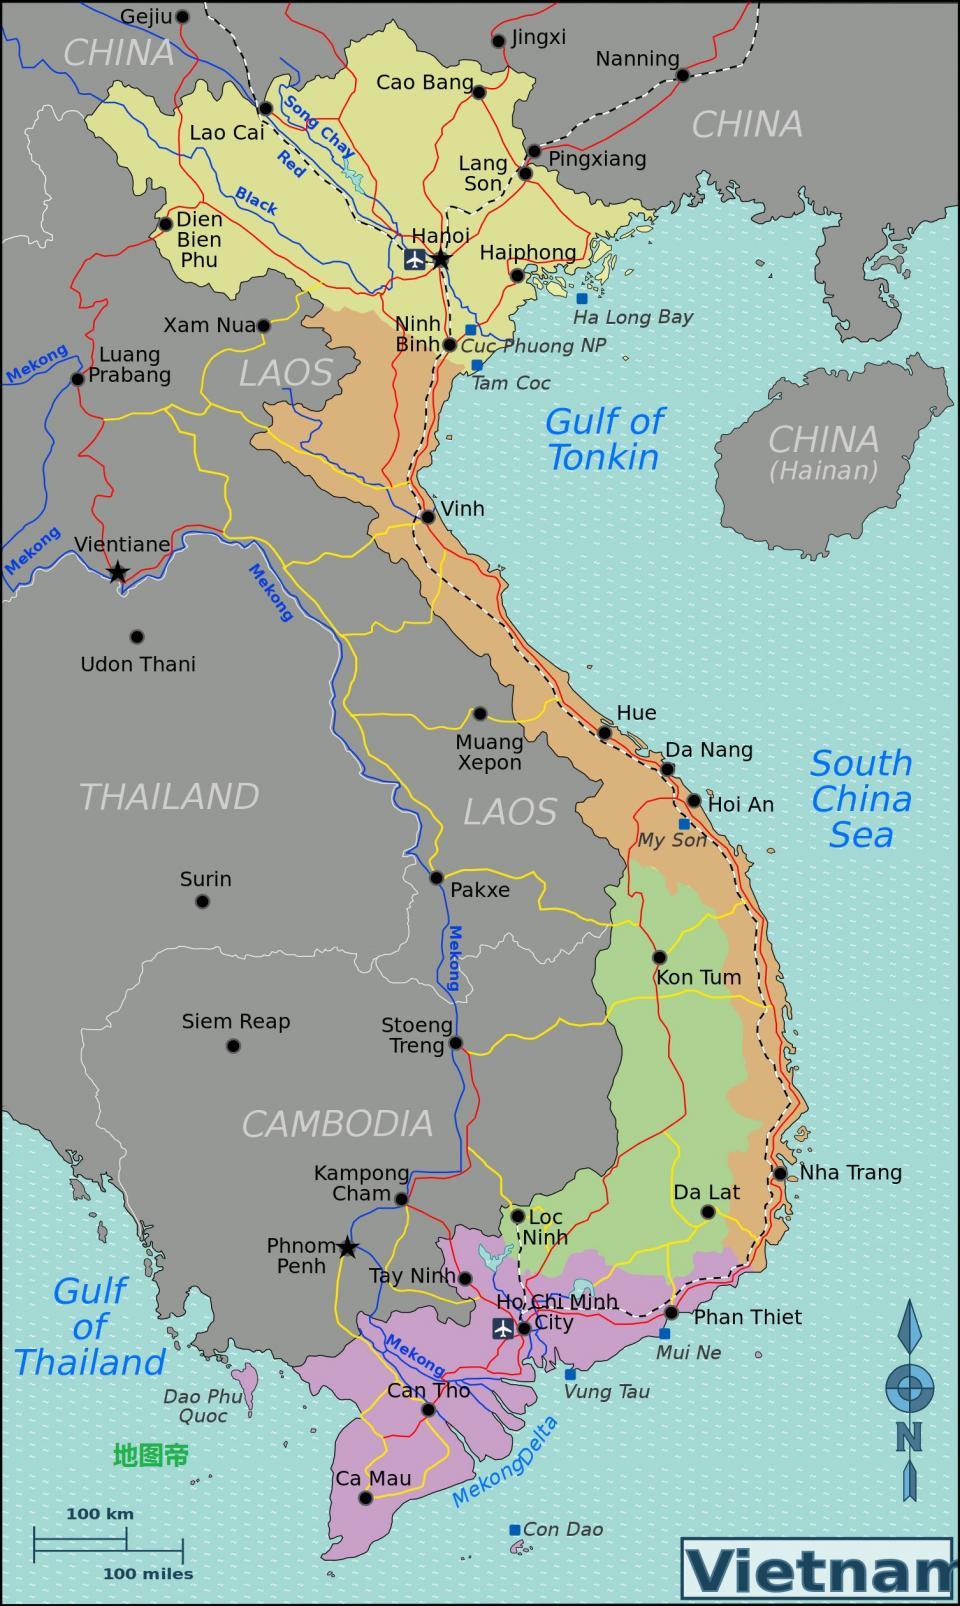 老挝北与中国云南接壤,南接柬埔寨,东接越南,西与泰国是邻居,西北角与